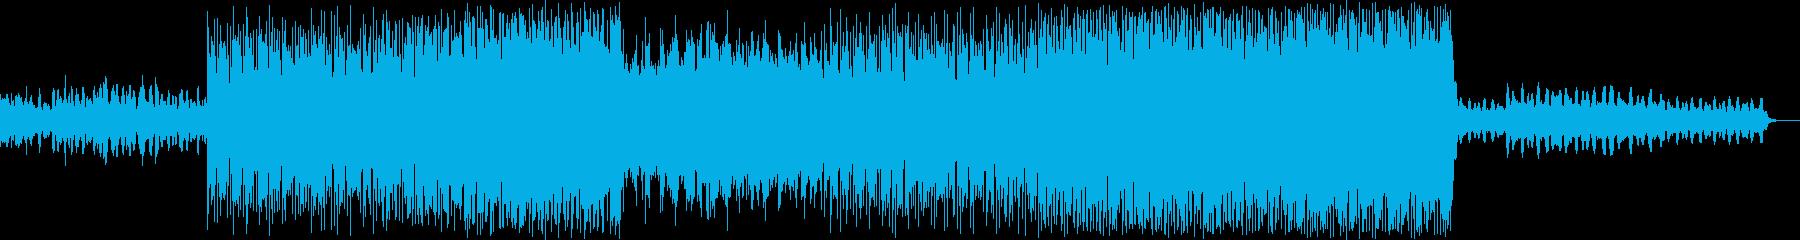 近未来的な電子的なアンビエントBGMの再生済みの波形